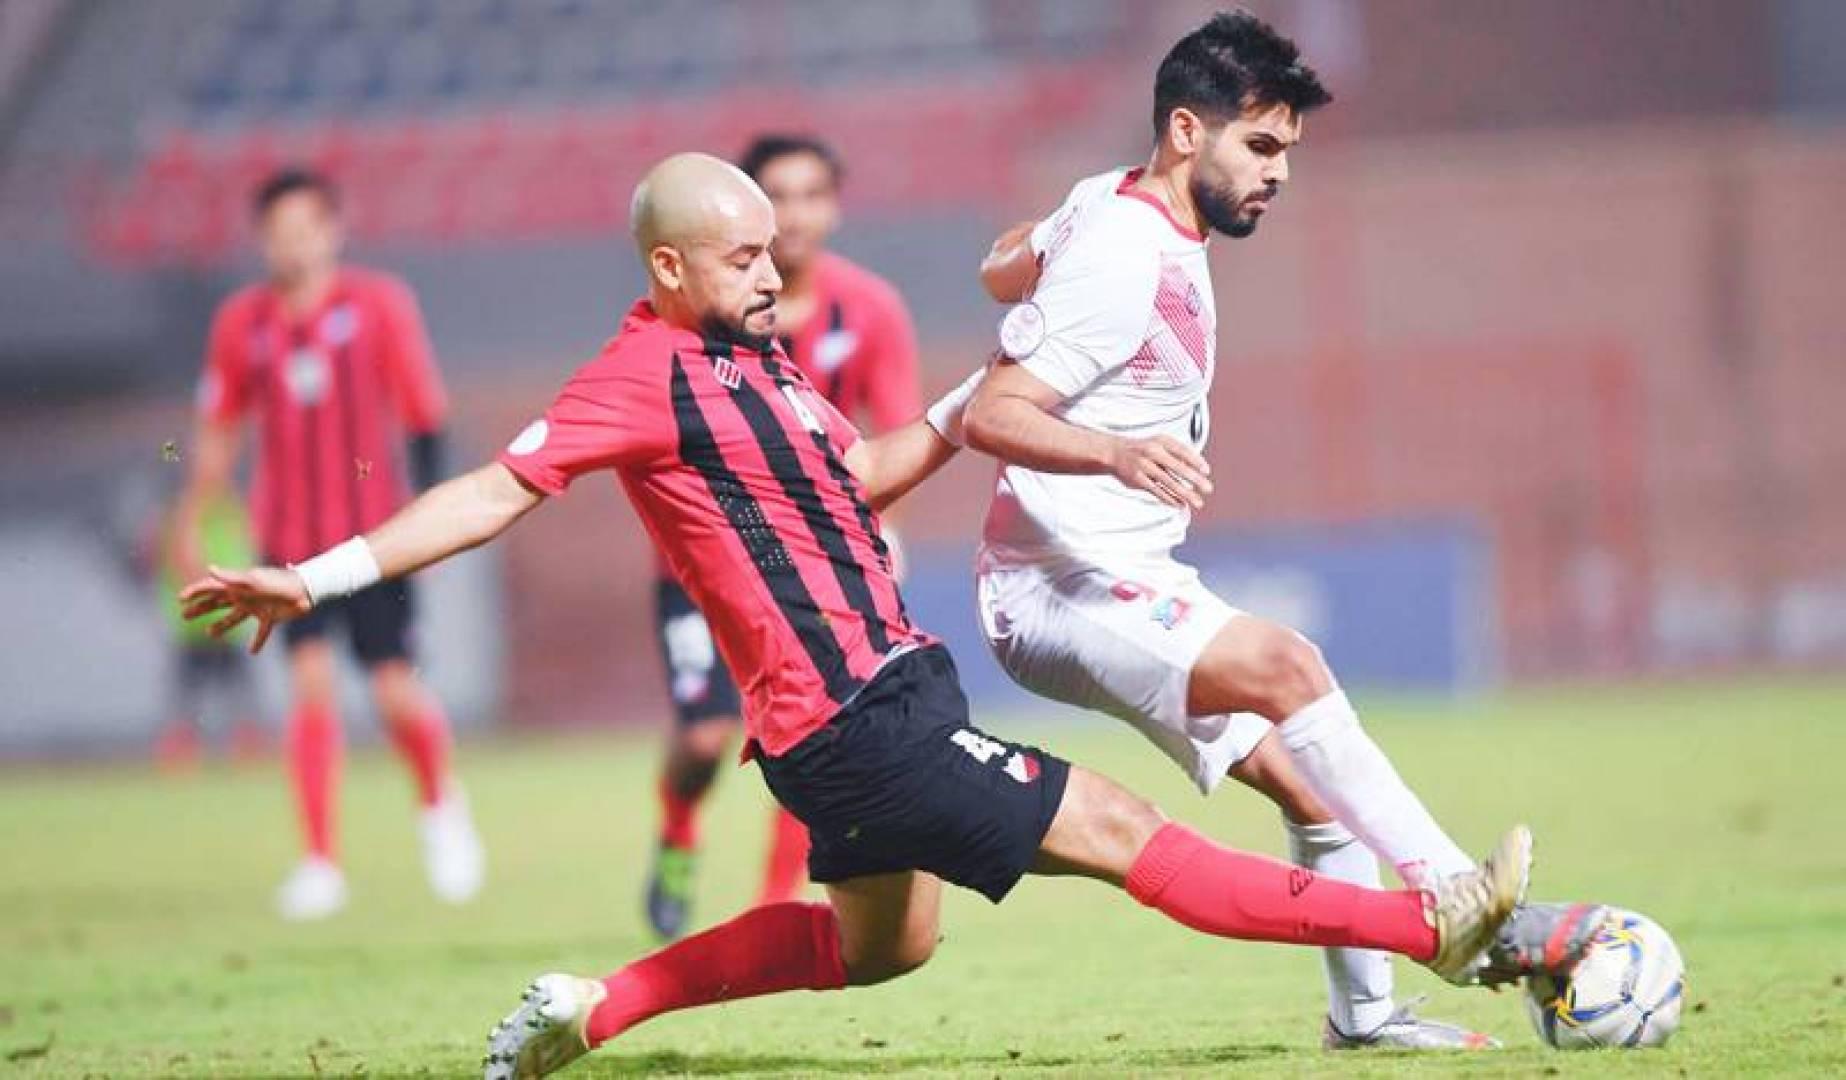 فيصل زايد محاولاً الاستحواذ على الكرة (تصوير: حسني هلال)